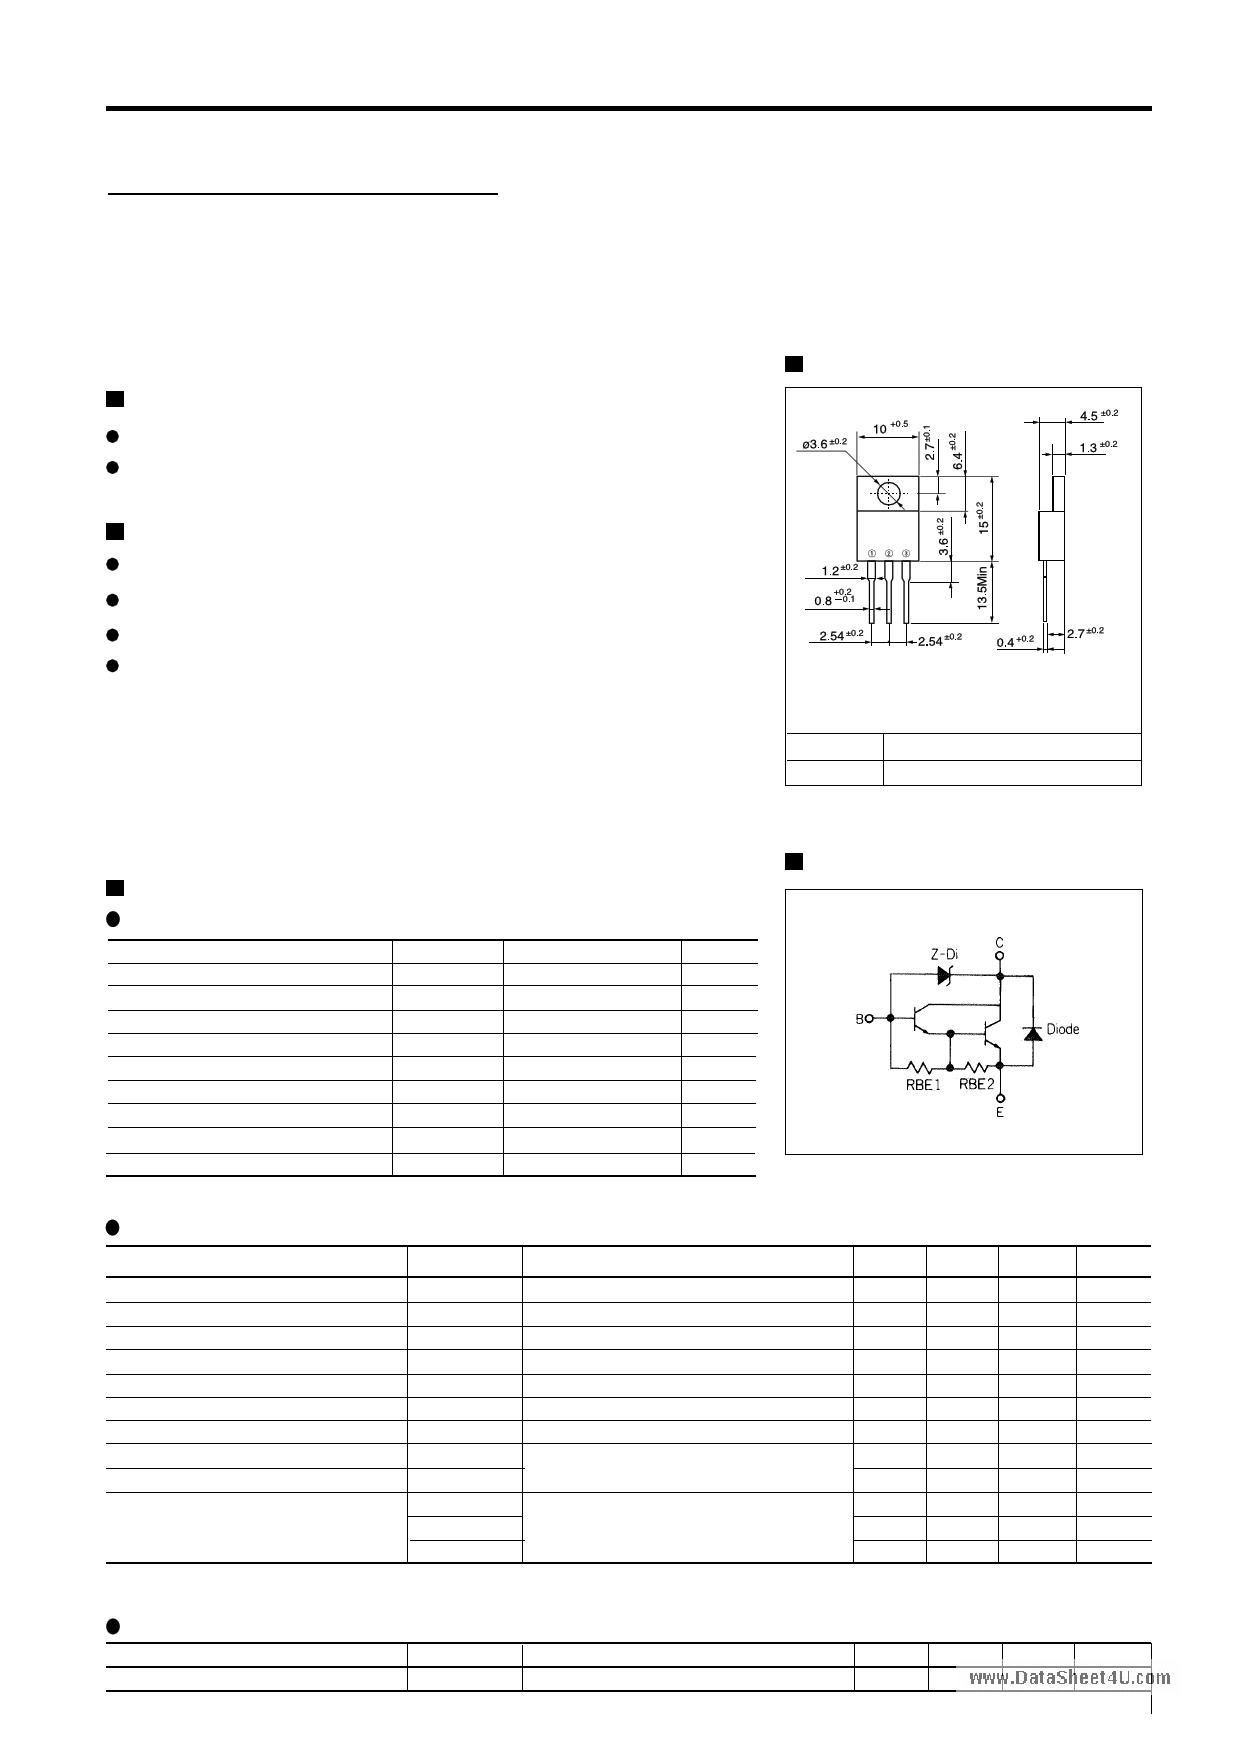 D1072 datasheet